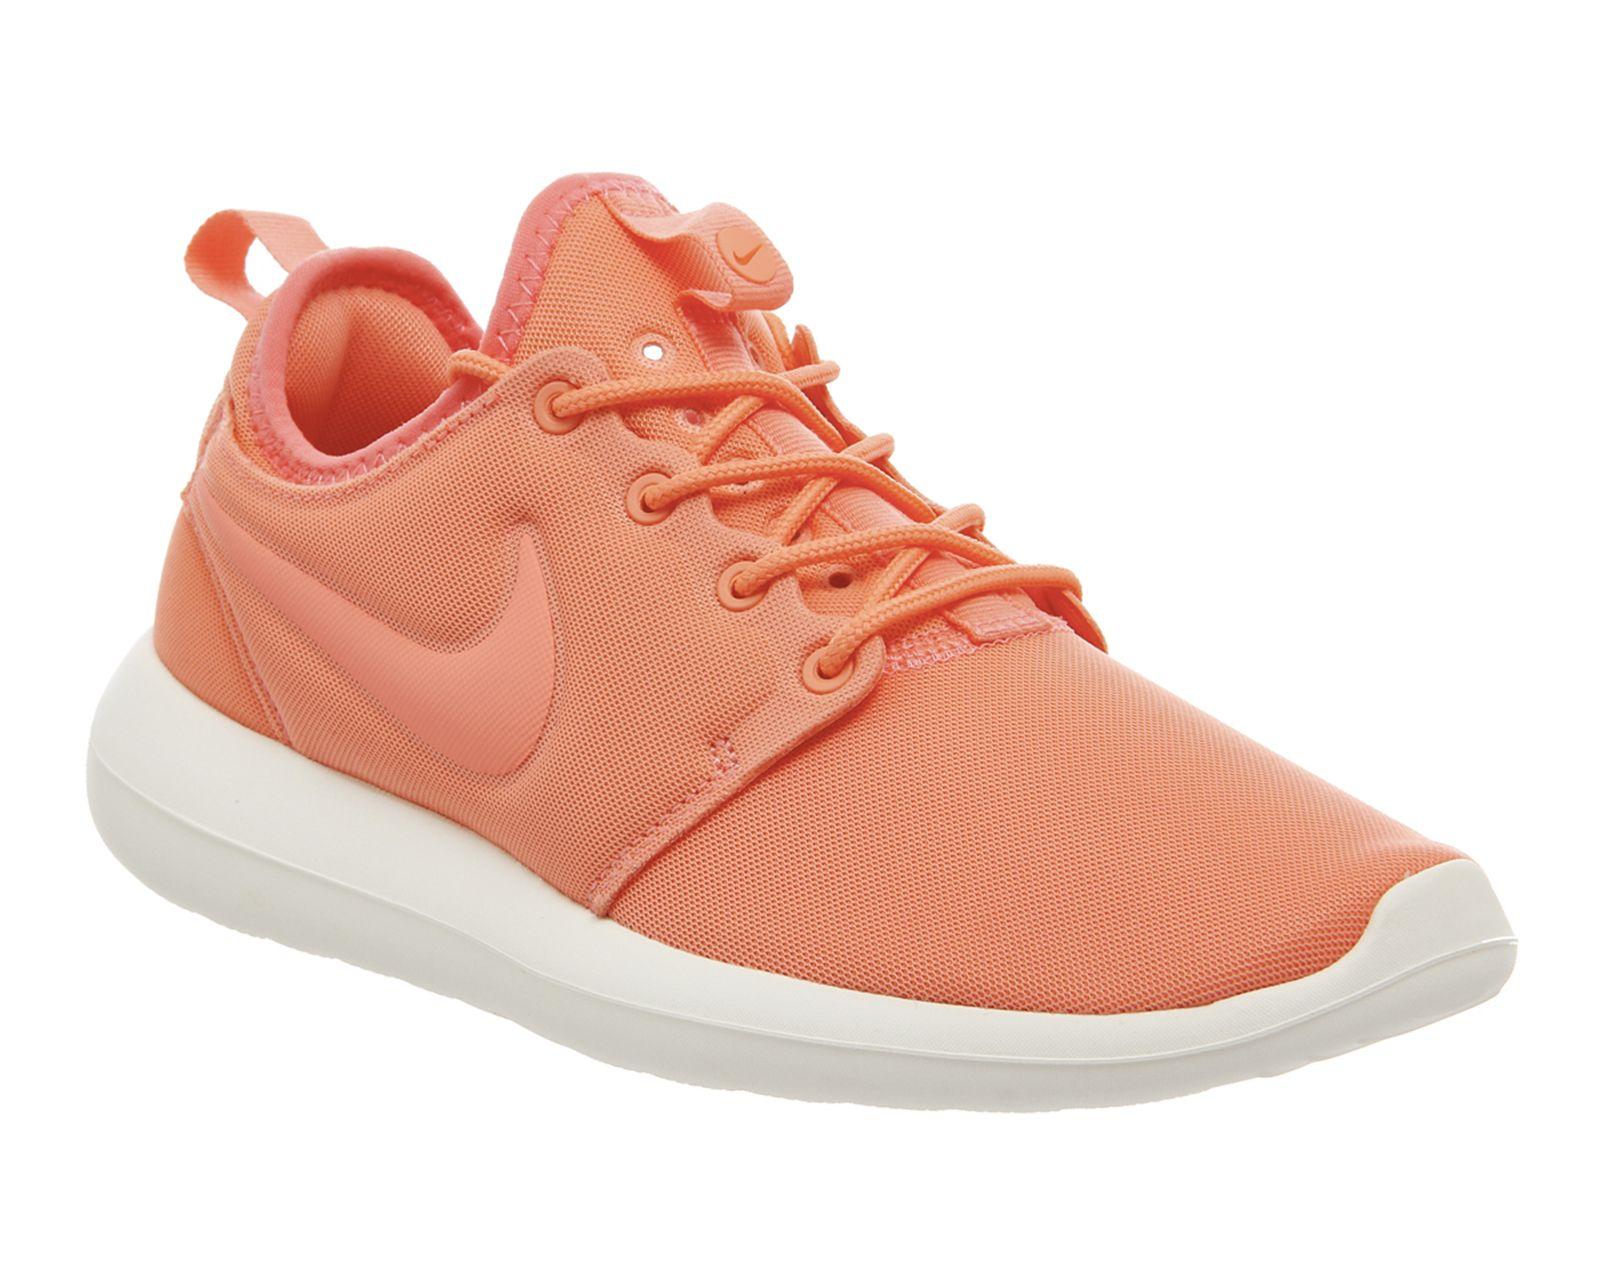 buy online 79ef6 632c2 Nike, Roshe Two, Atomic Pink Sail Turf Orange